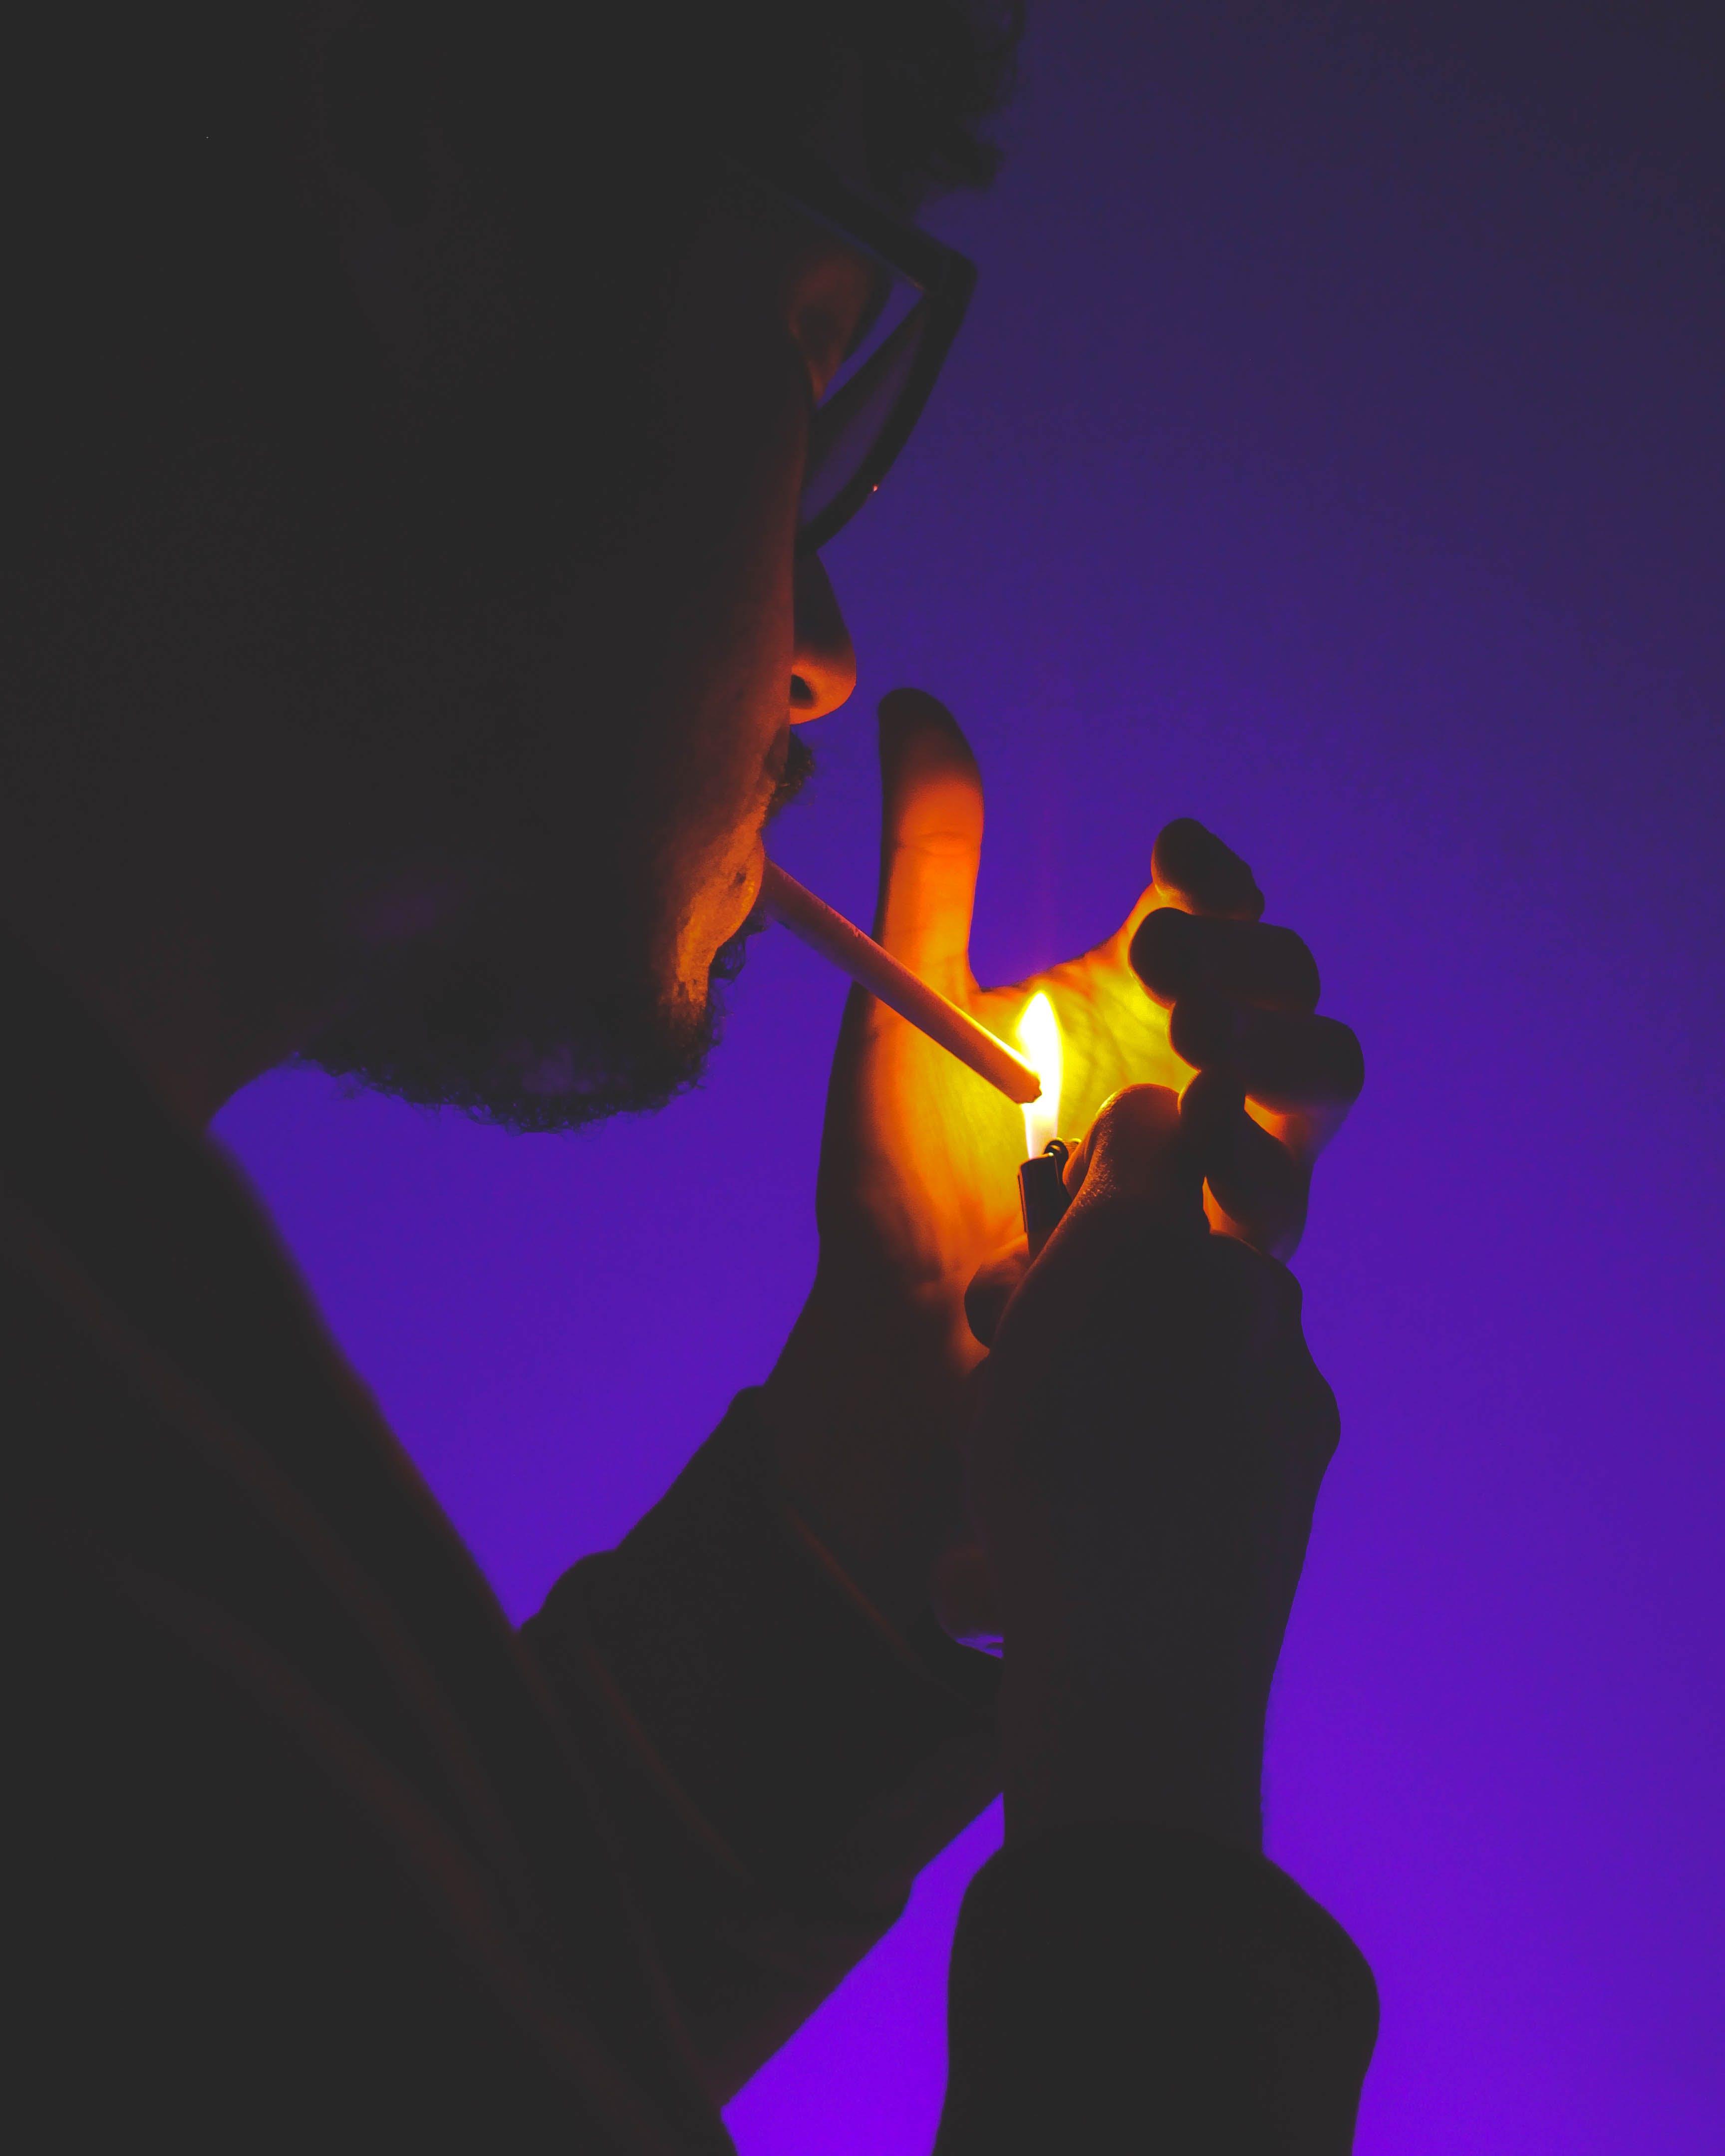 Gratis lagerfoto af lighter, mænd rygning, mørke lilla, rygning